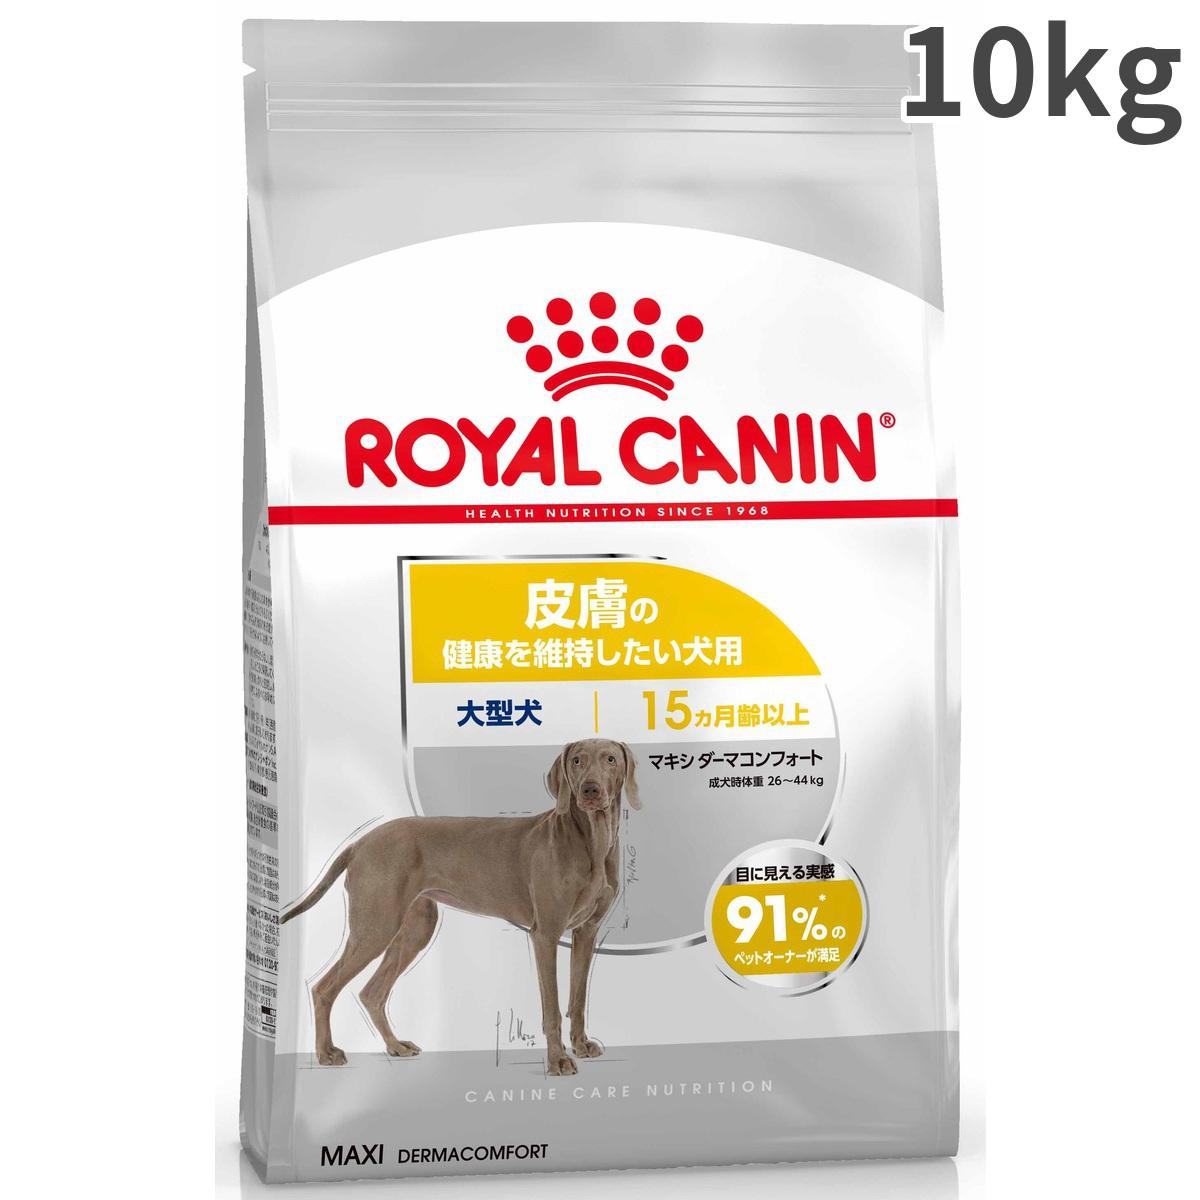 ロイヤルカナン マキシ ダーマコンフォート 成犬・高齢犬用 10kg【送料無料】